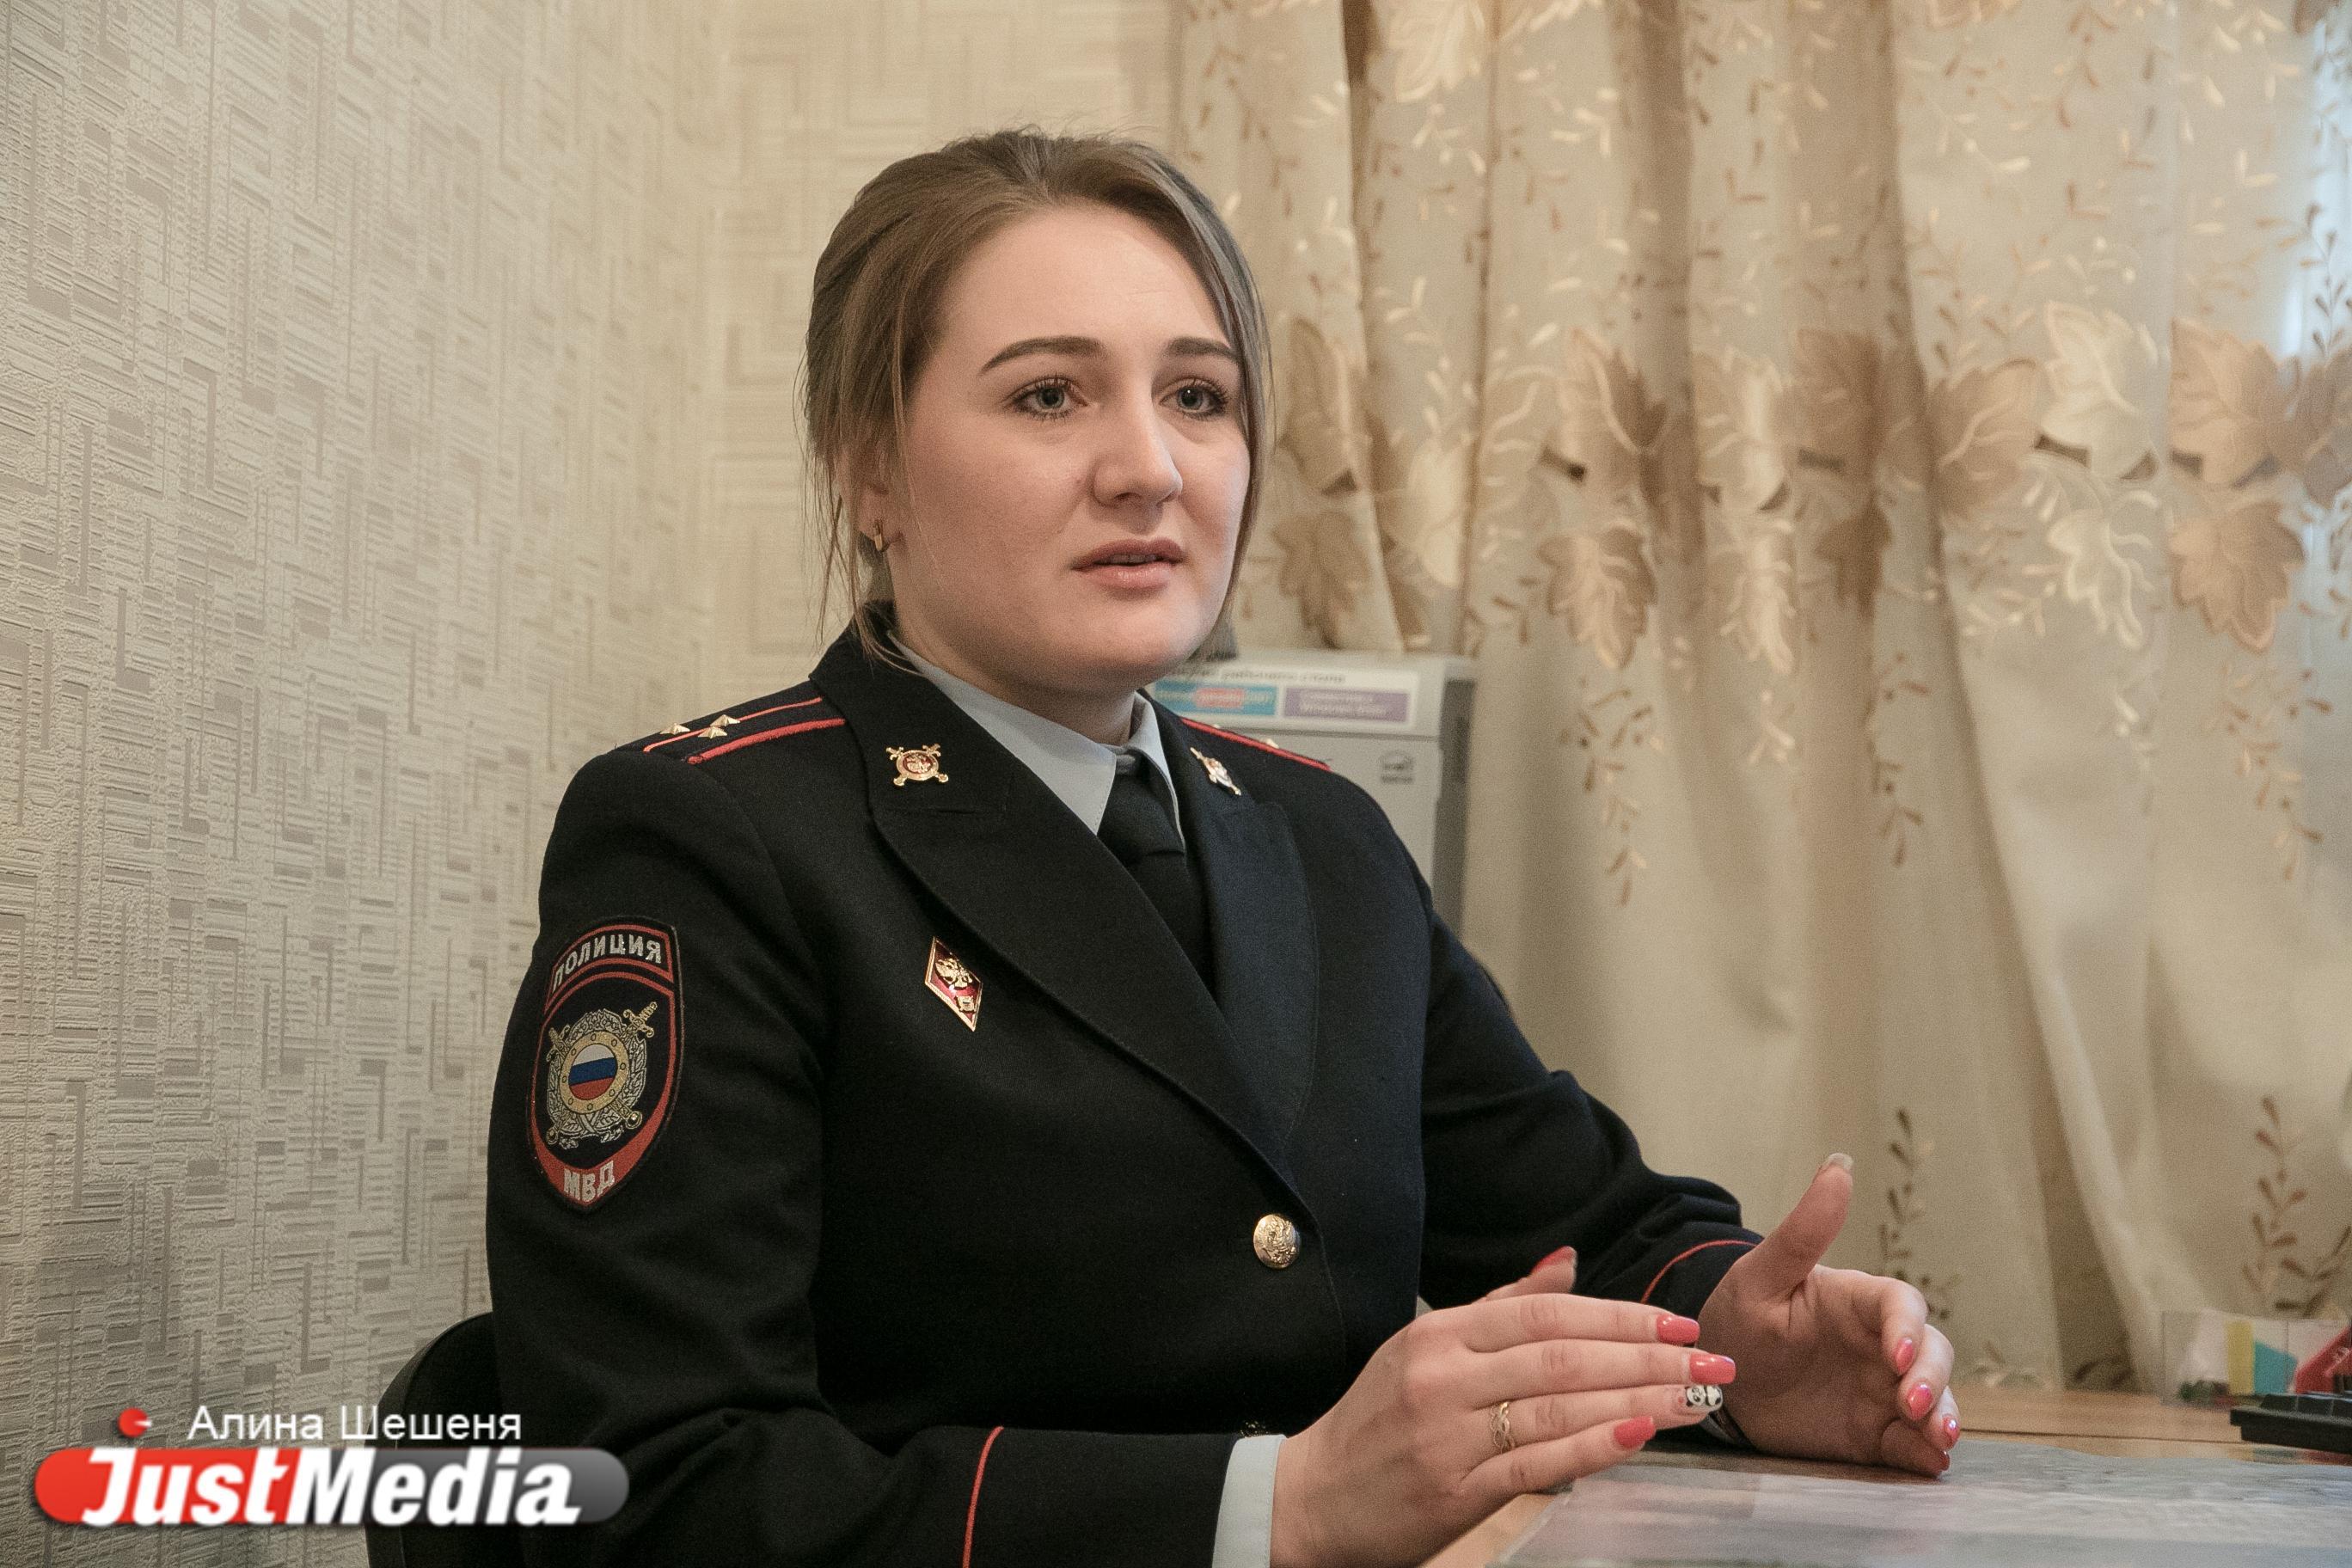 Девушке работа в полиции екатеринбург работа для девушек в красногорске